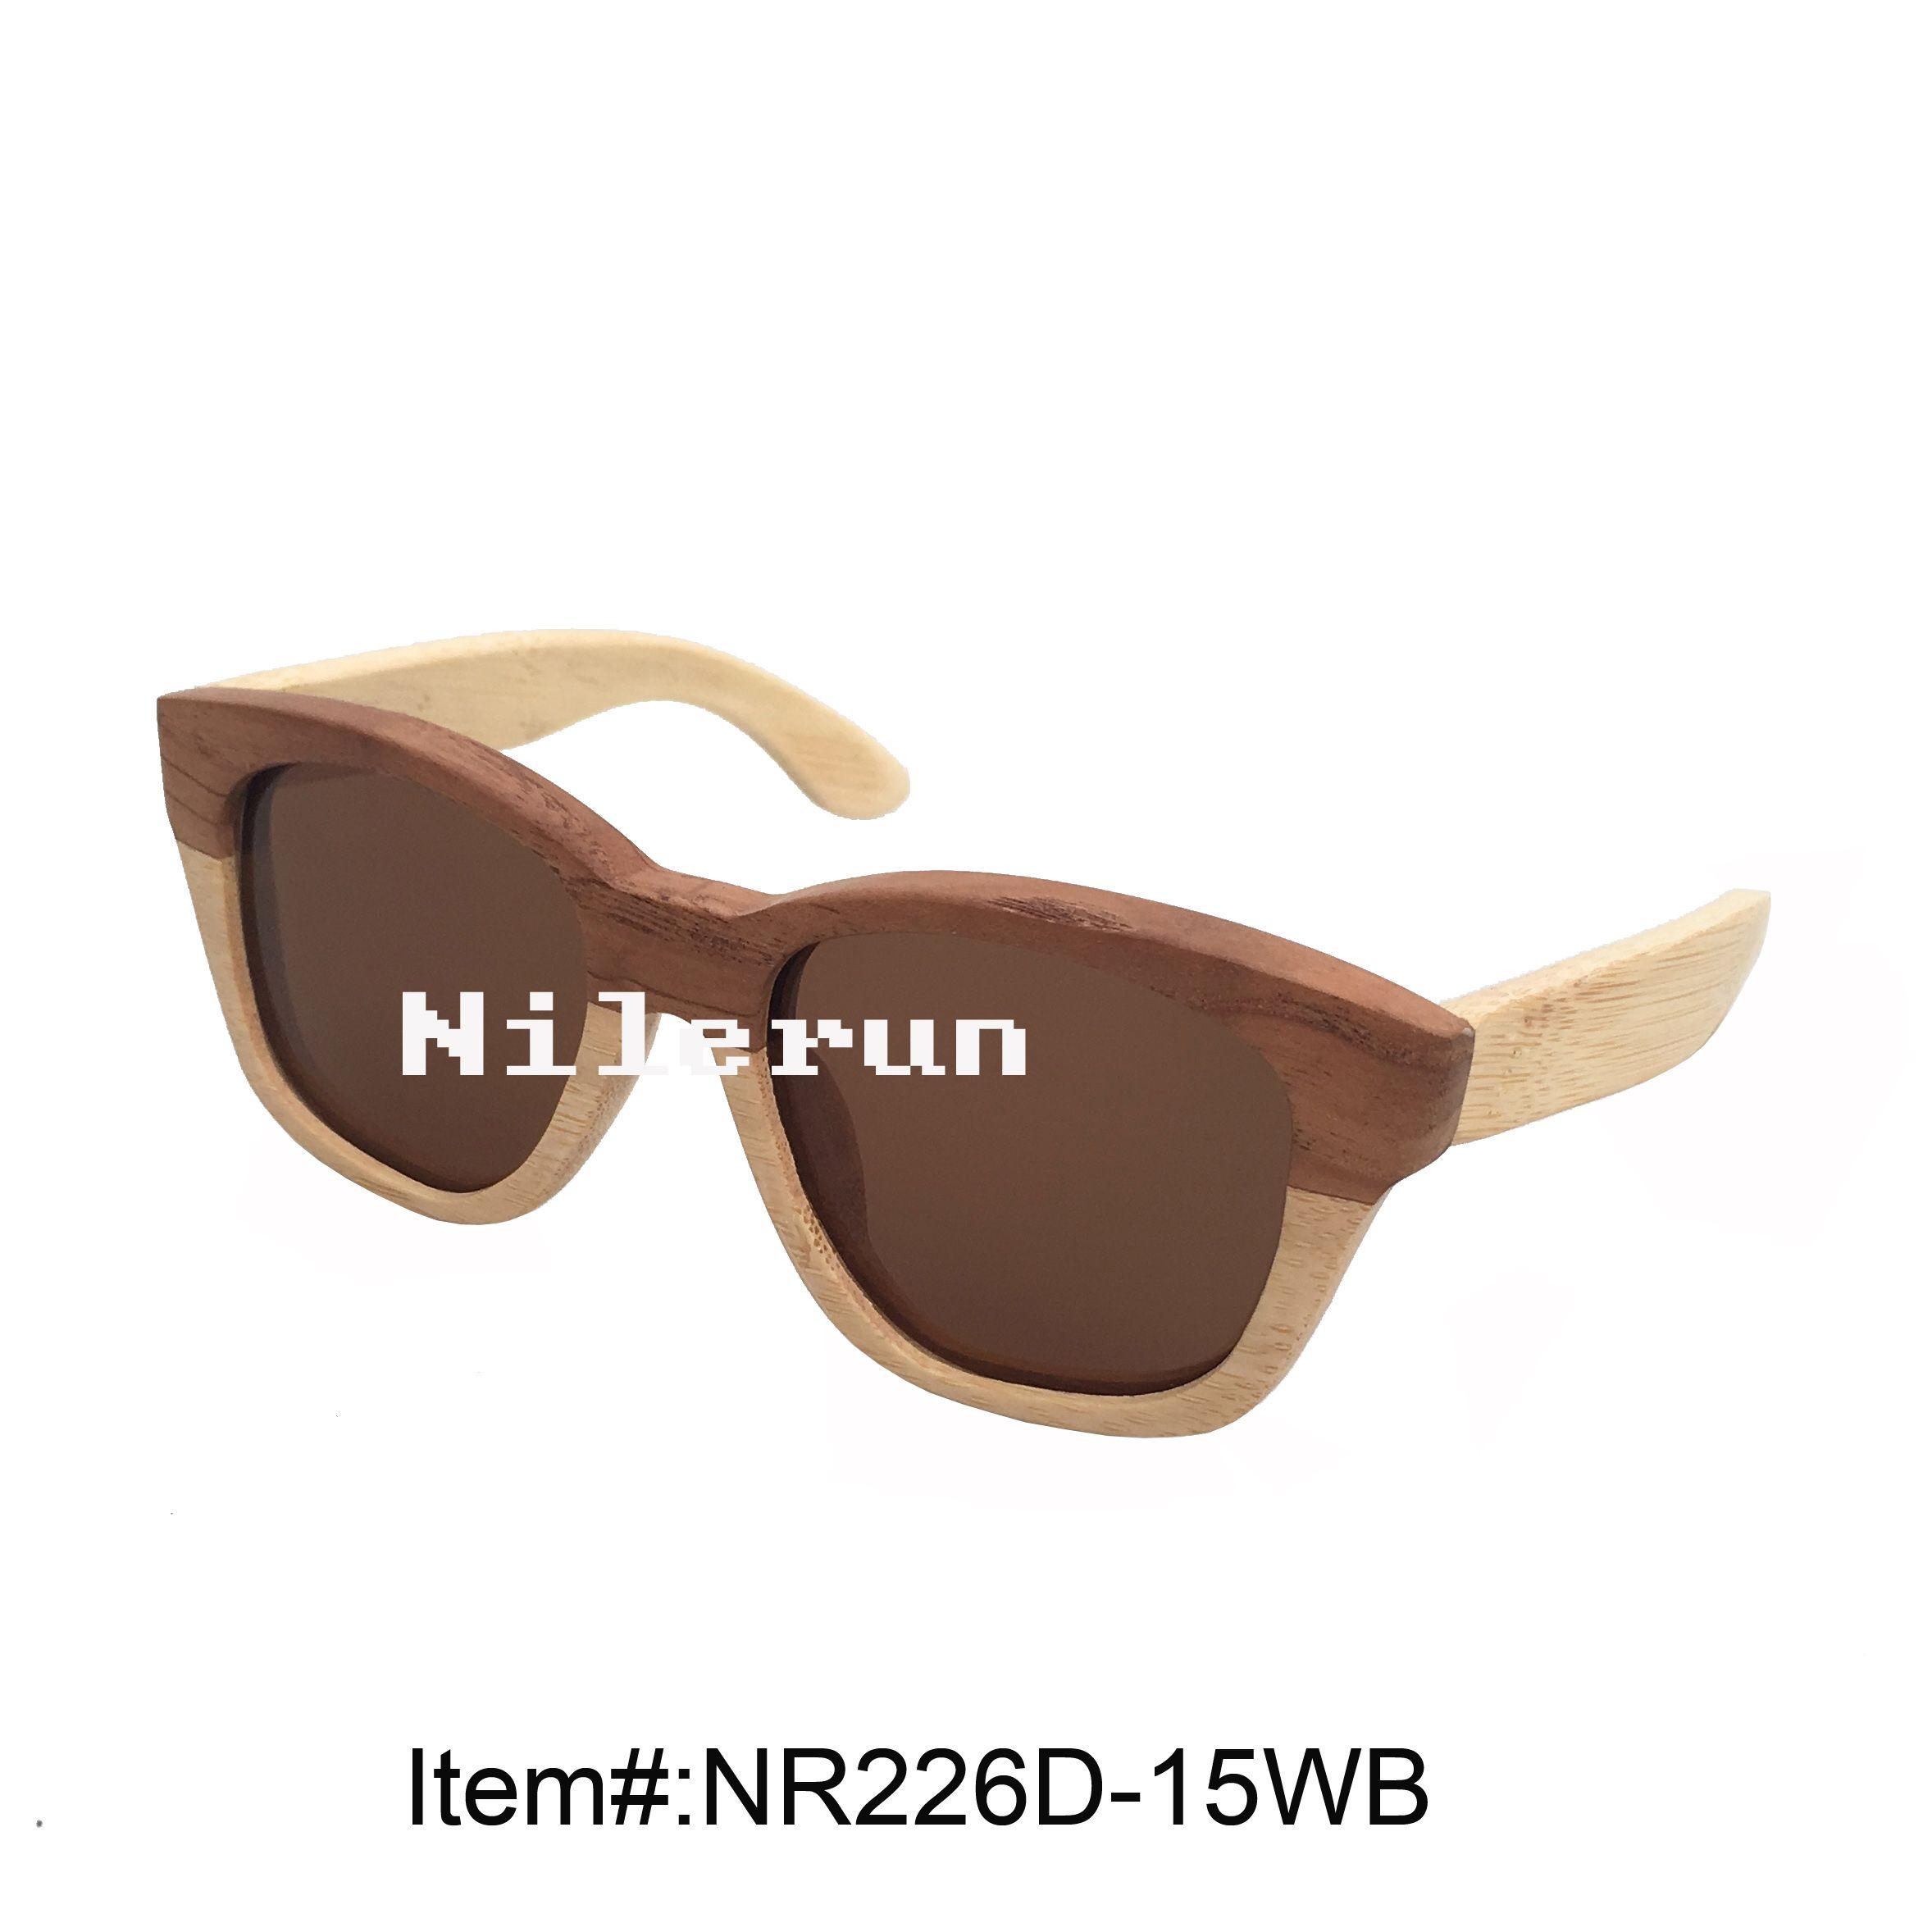 occhiali da sole in legno fatti a mano unici